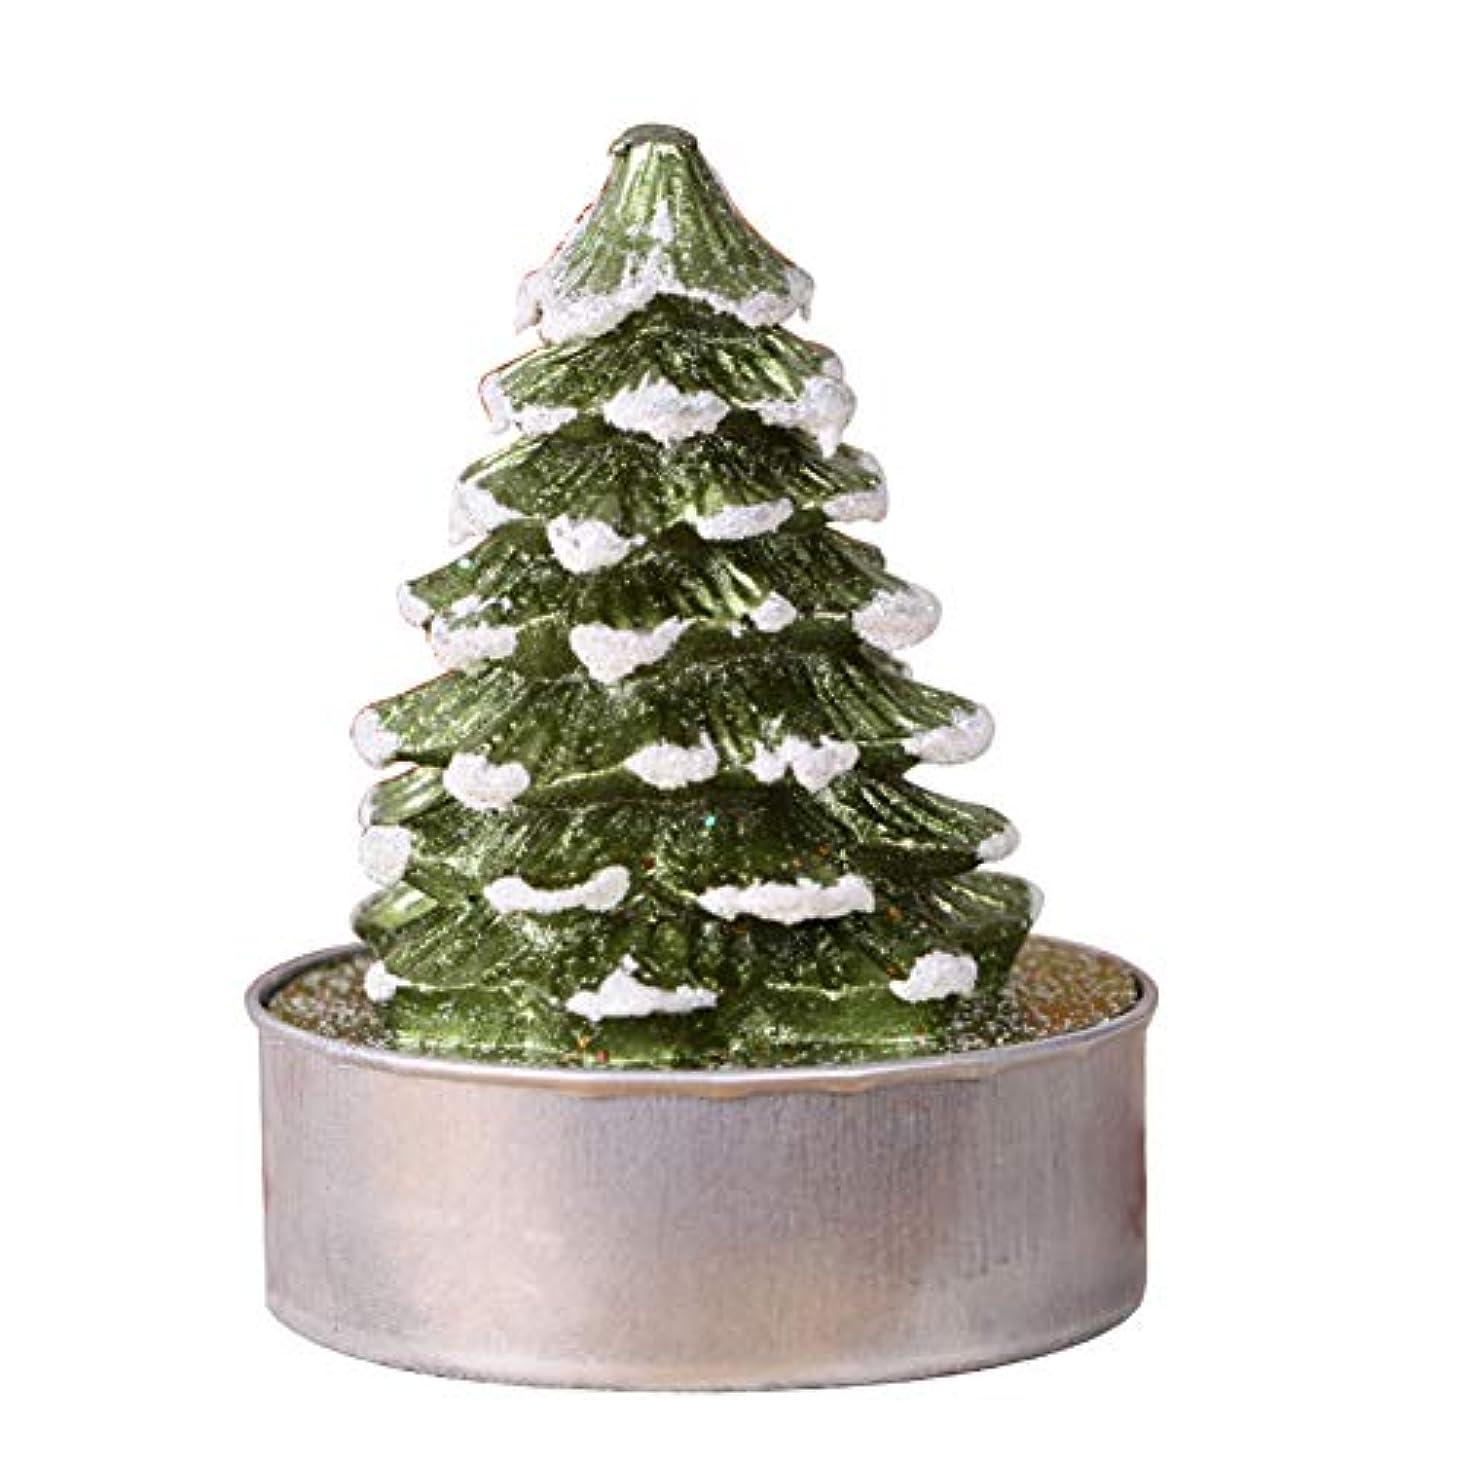 現象失速マナー2点セット、クリスマスの手工芸品のキャンドル、装飾手描きのクリスマスツリーの大きな茶ワックス